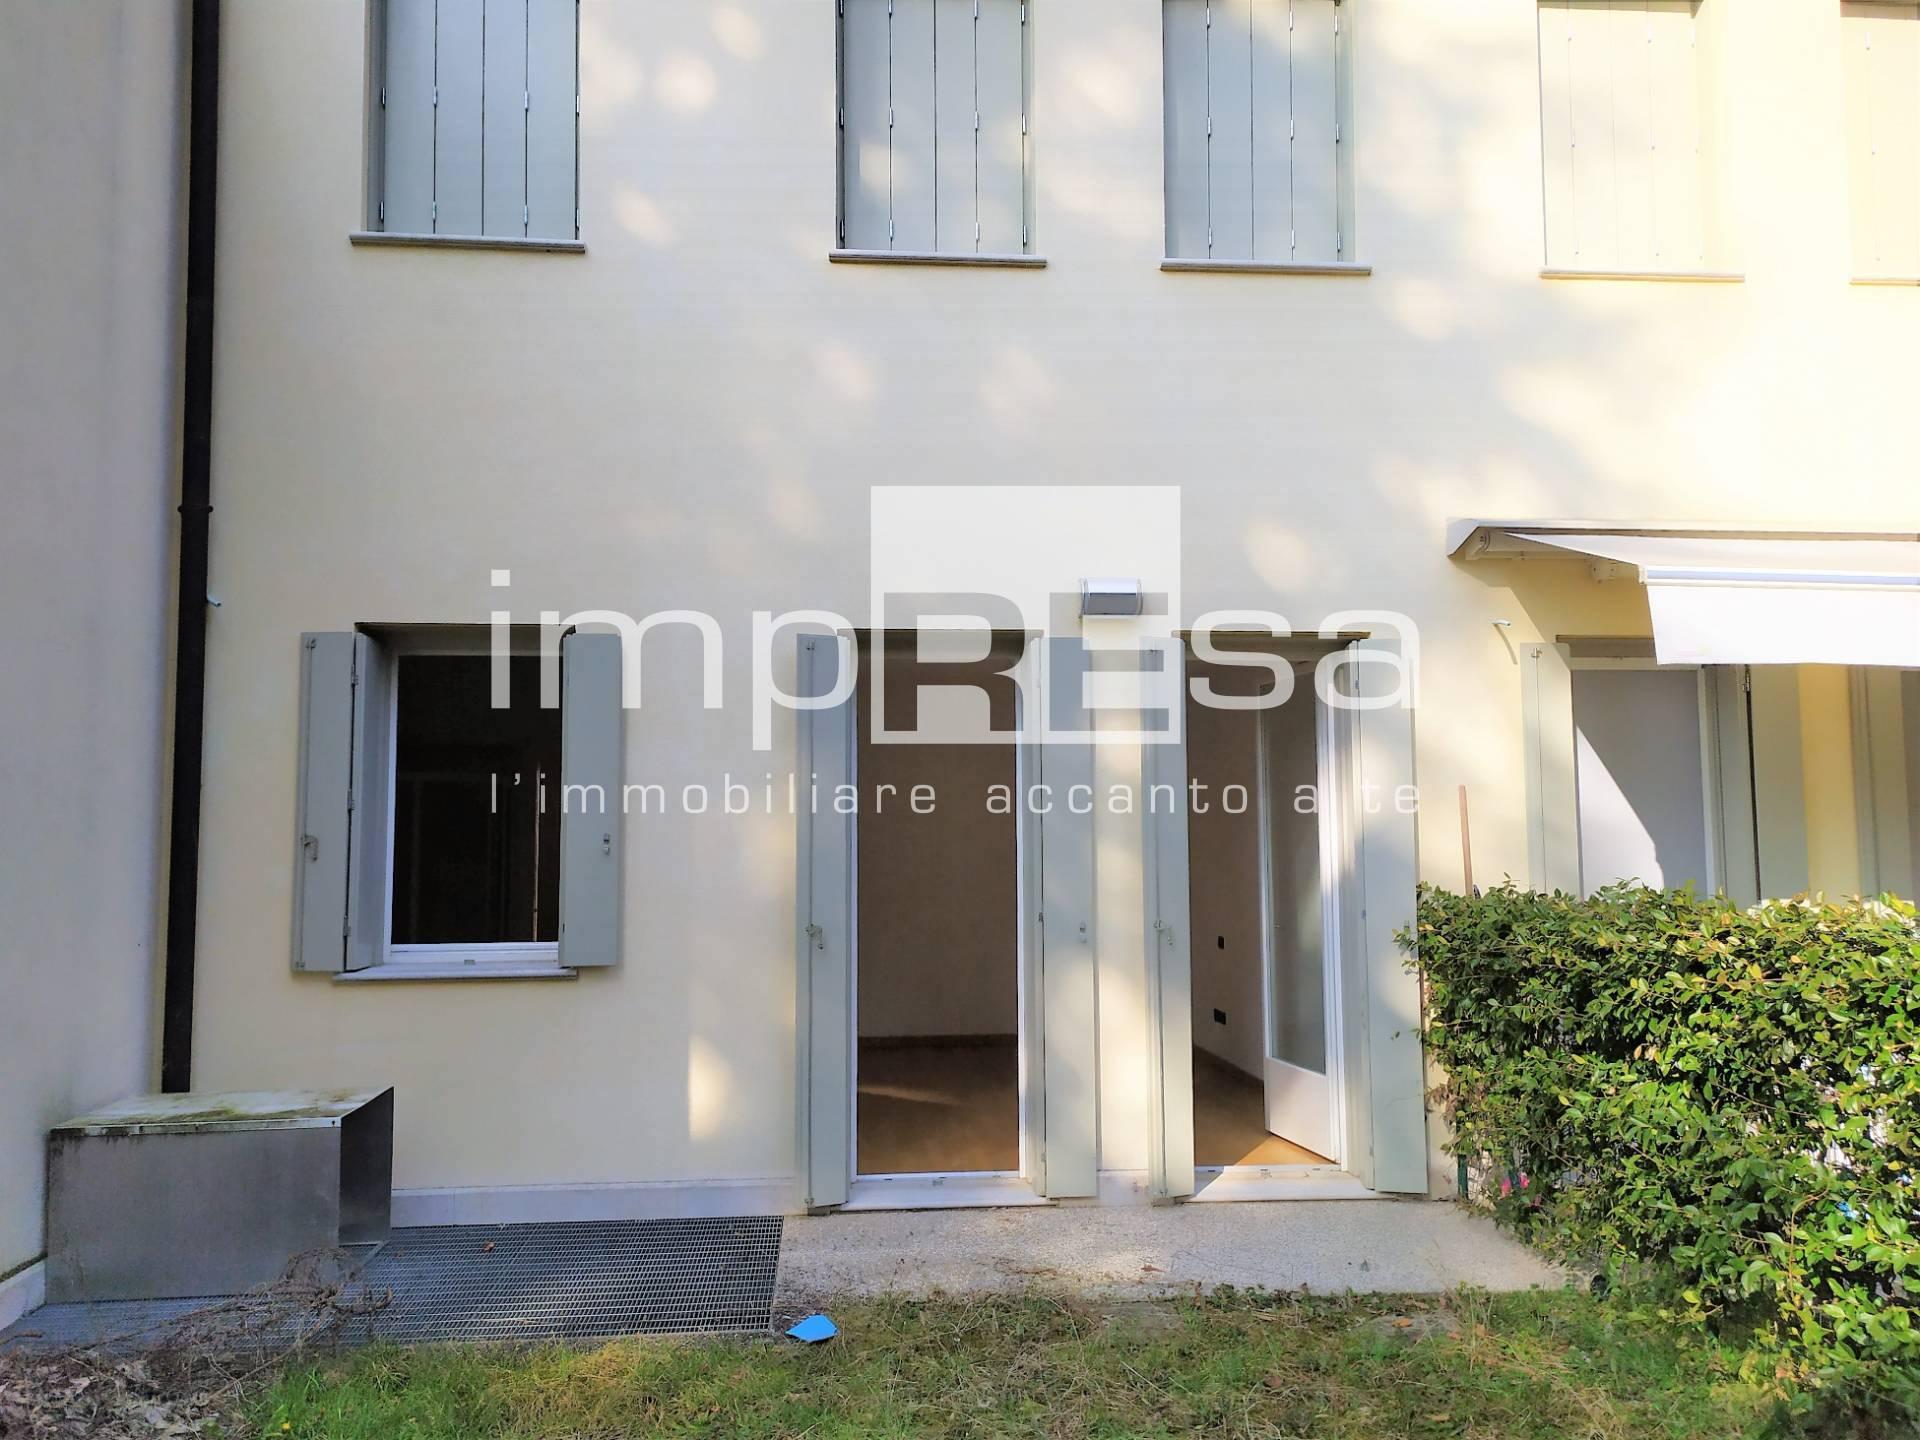 Appartamento in vendita a Susegana, 3 locali, zona Zona: Collalto, prezzo € 100.000 | CambioCasa.it